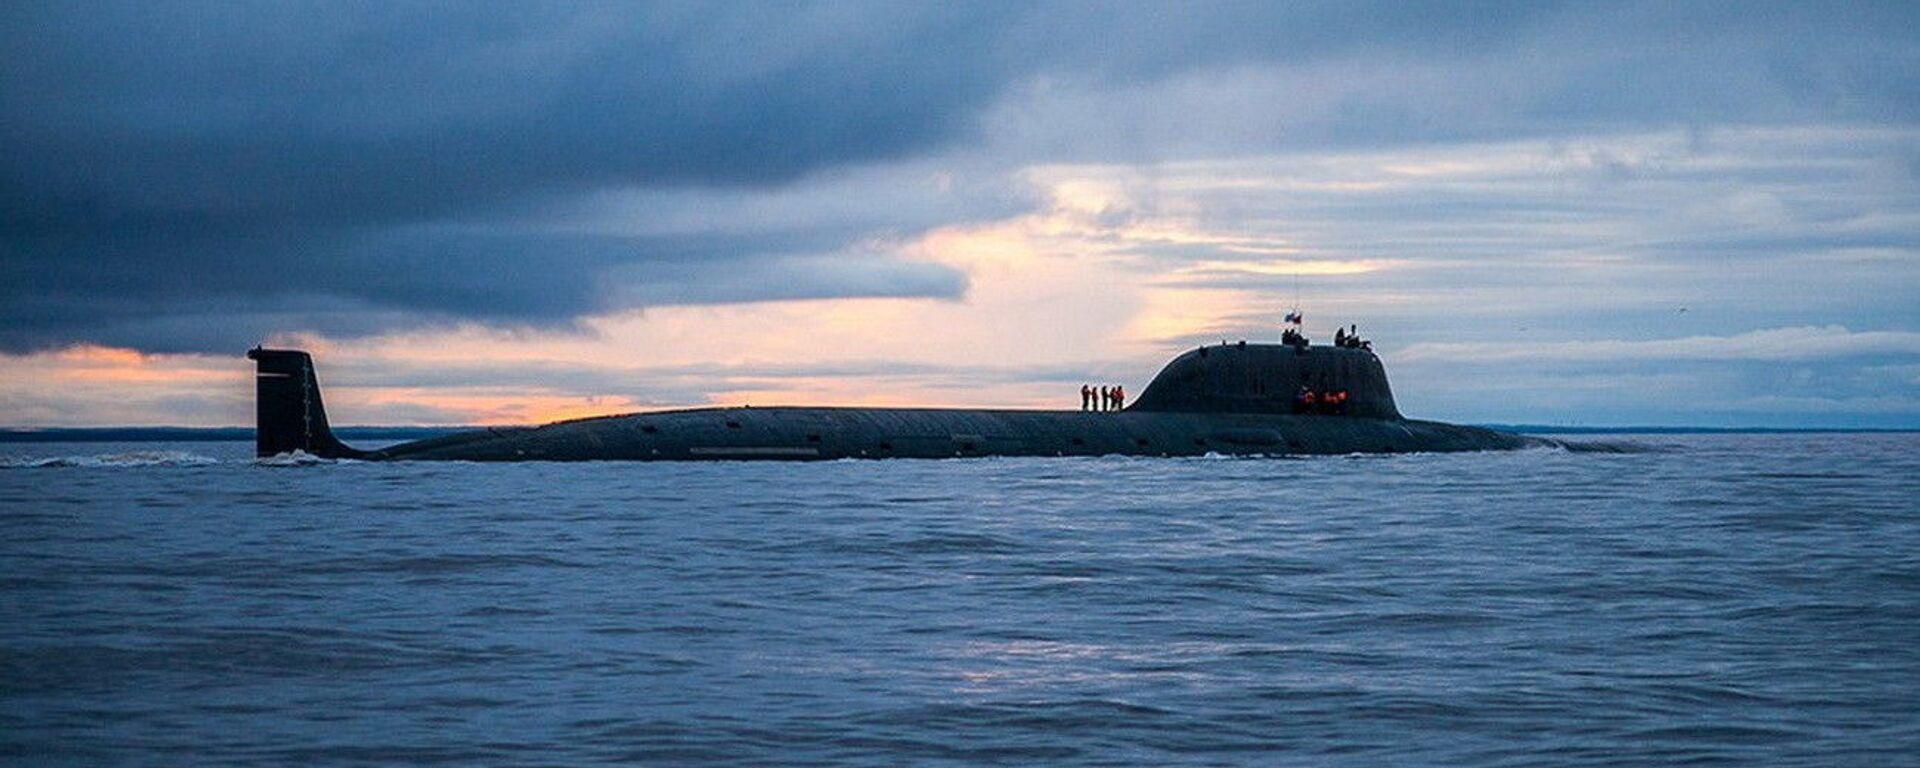 Sottomarino missilistico russo Severodvinsk del 'Progetto 885M' classe Yasen  - Sputnik Italia, 1920, 02.07.2021